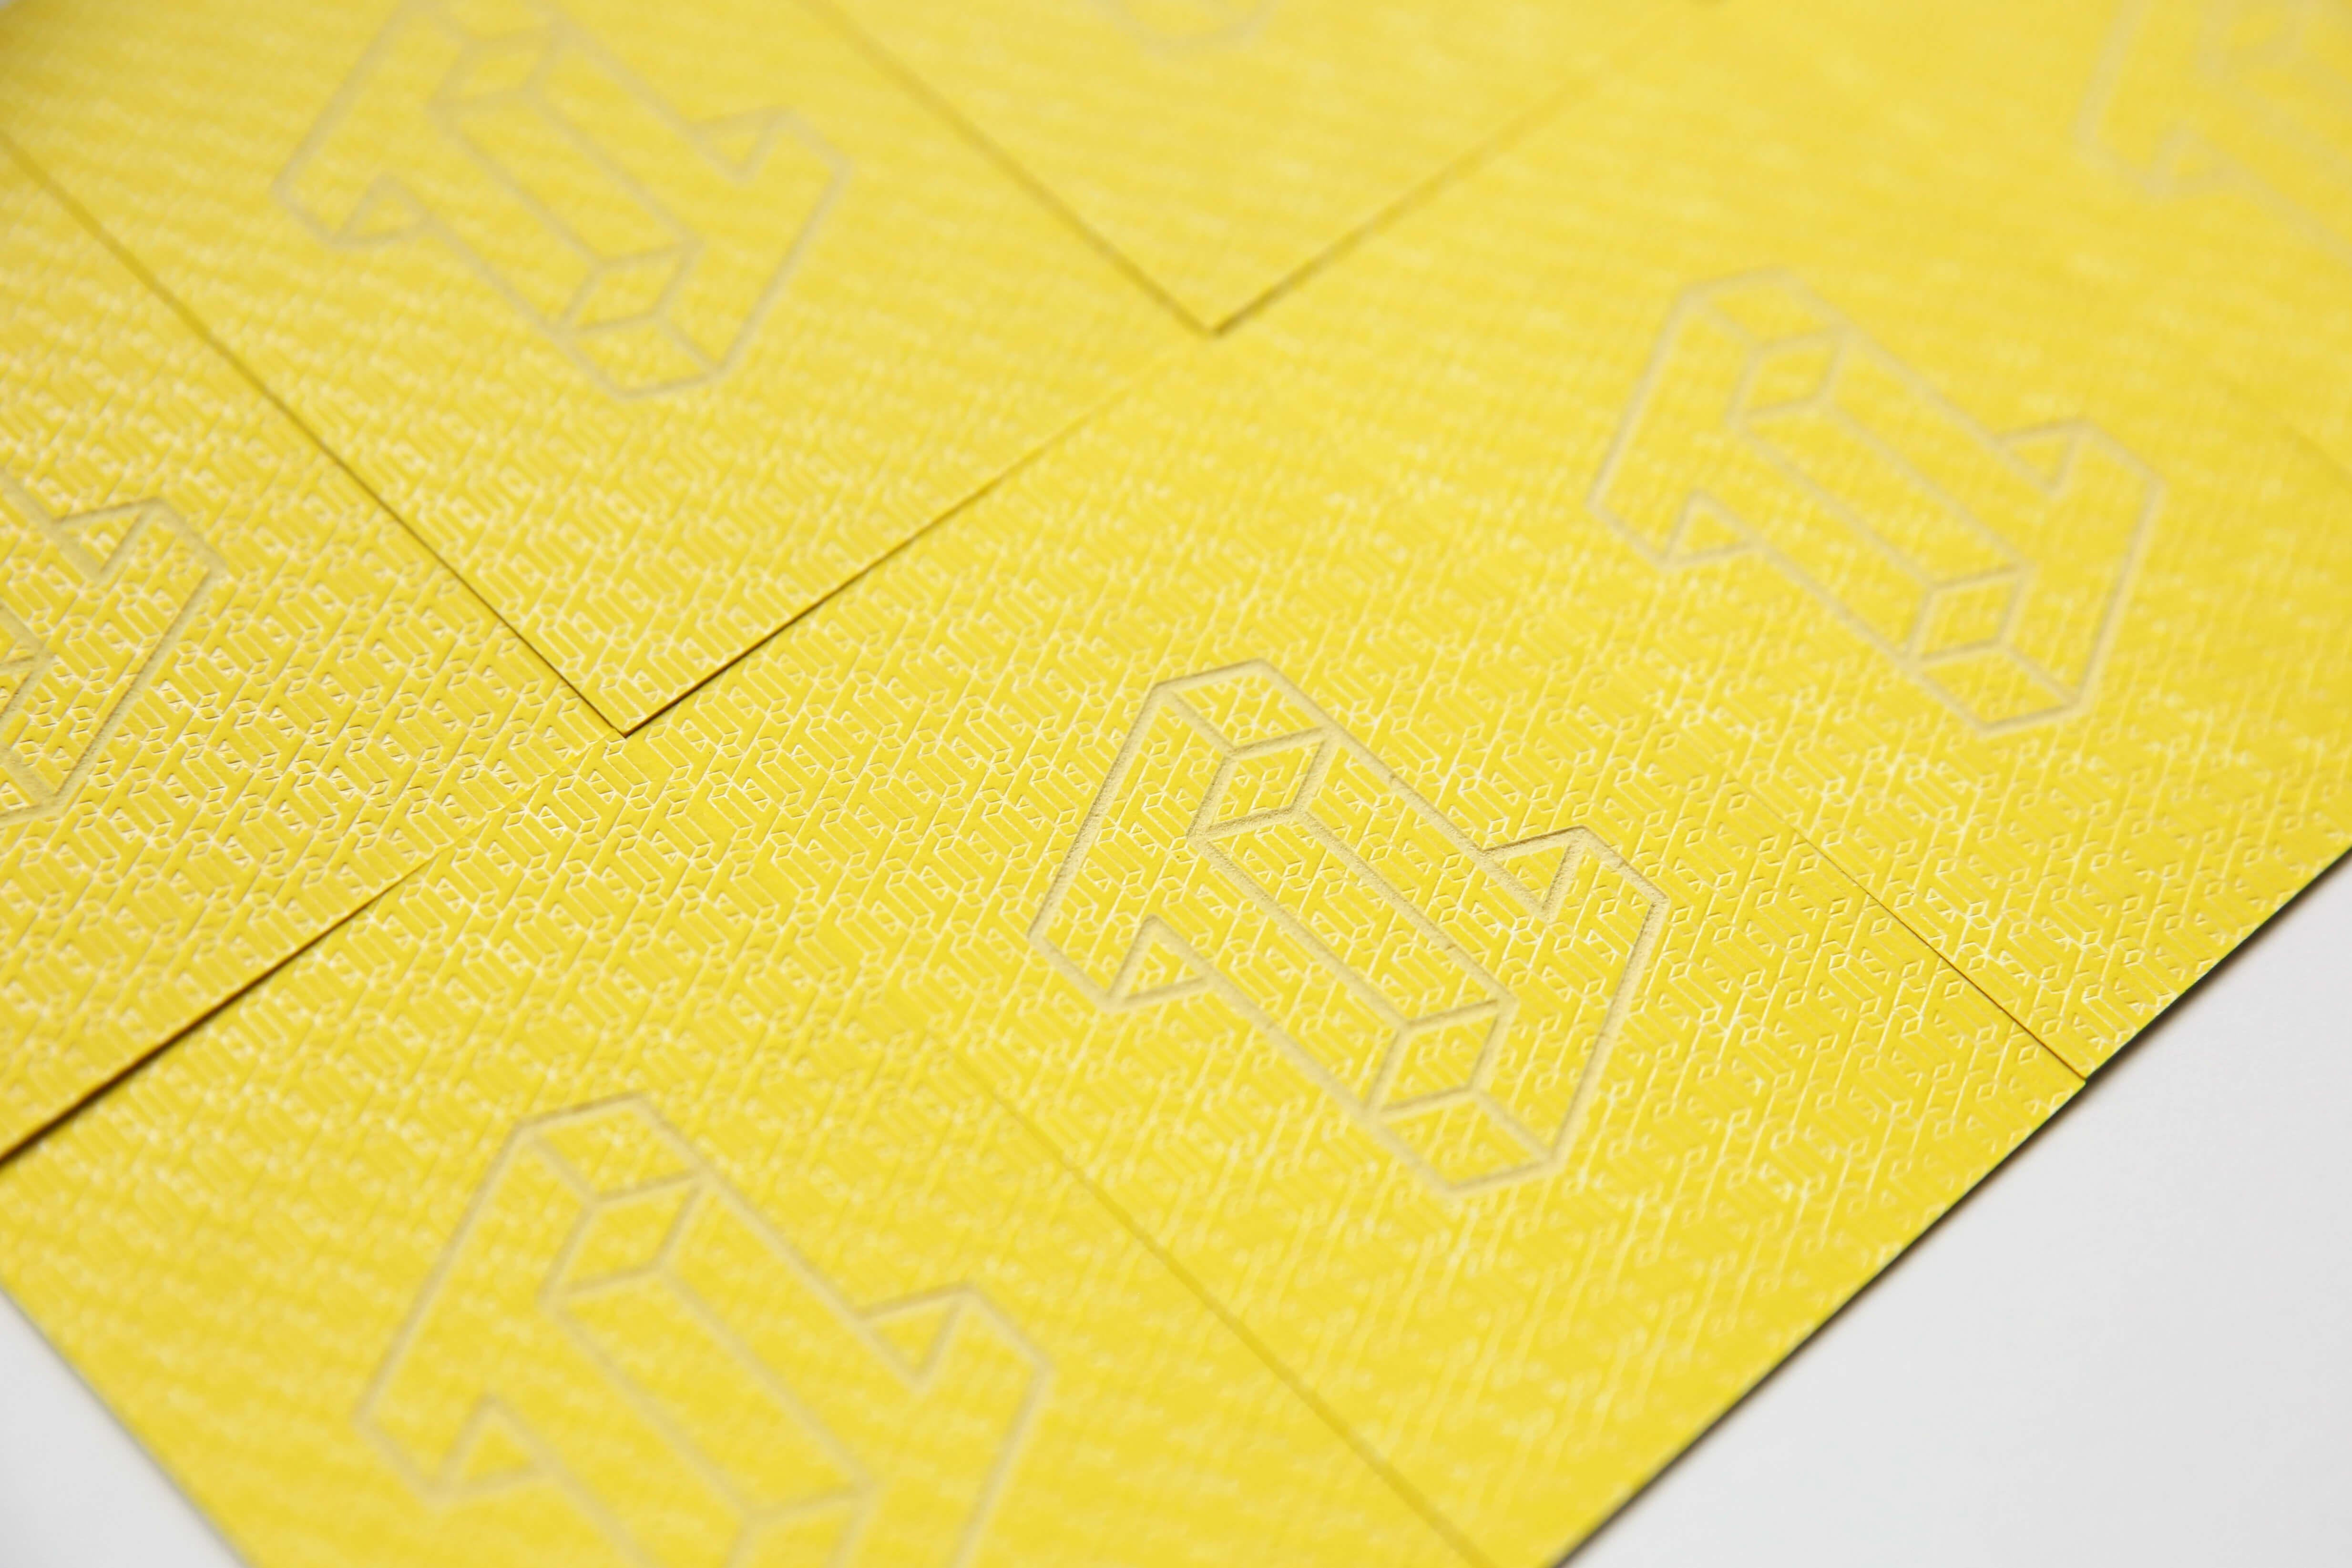 TT_New Business Cards_3